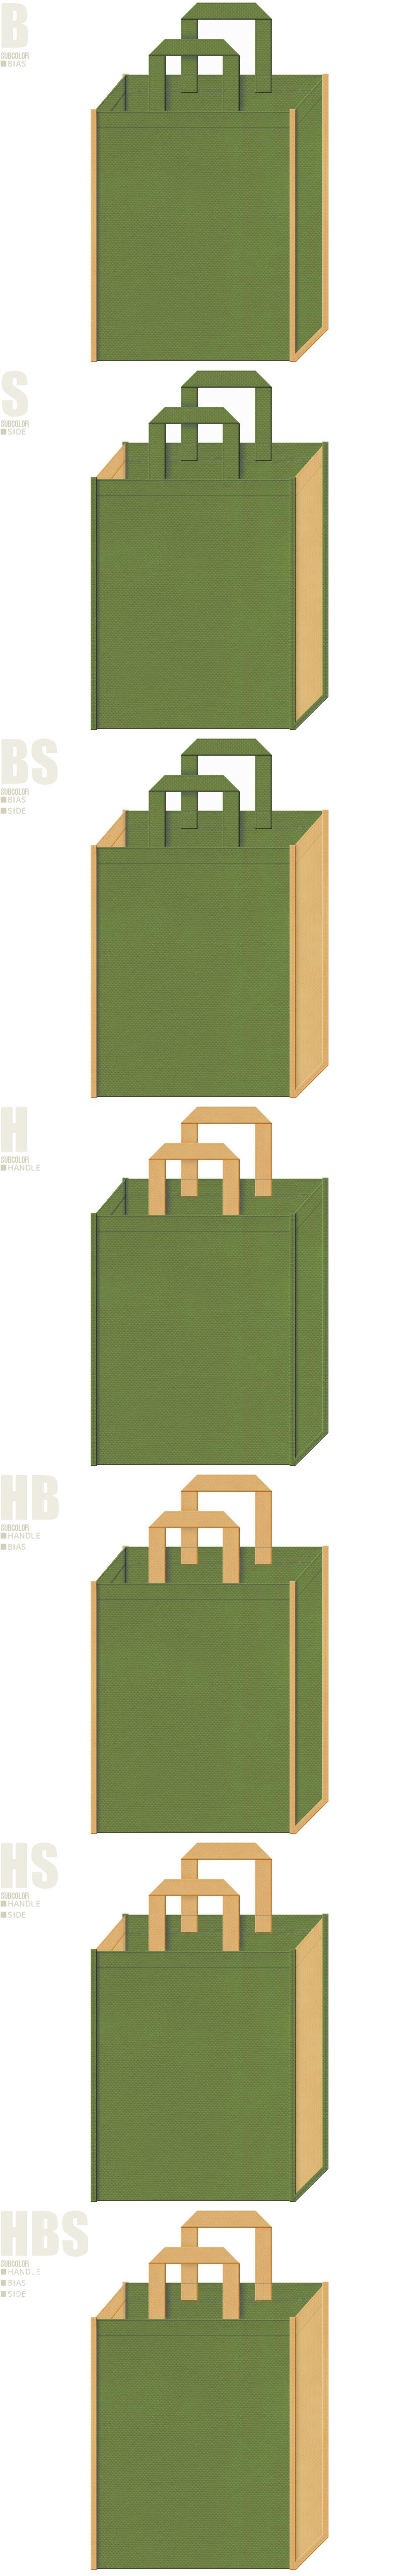 草色と薄黄土色、7パターンの不織布トートバッグ配色デザイン例。民芸品・茶器・城下町・旅館のバッグノベルティにお奨めです。畳・和室・抹茶もなか風。